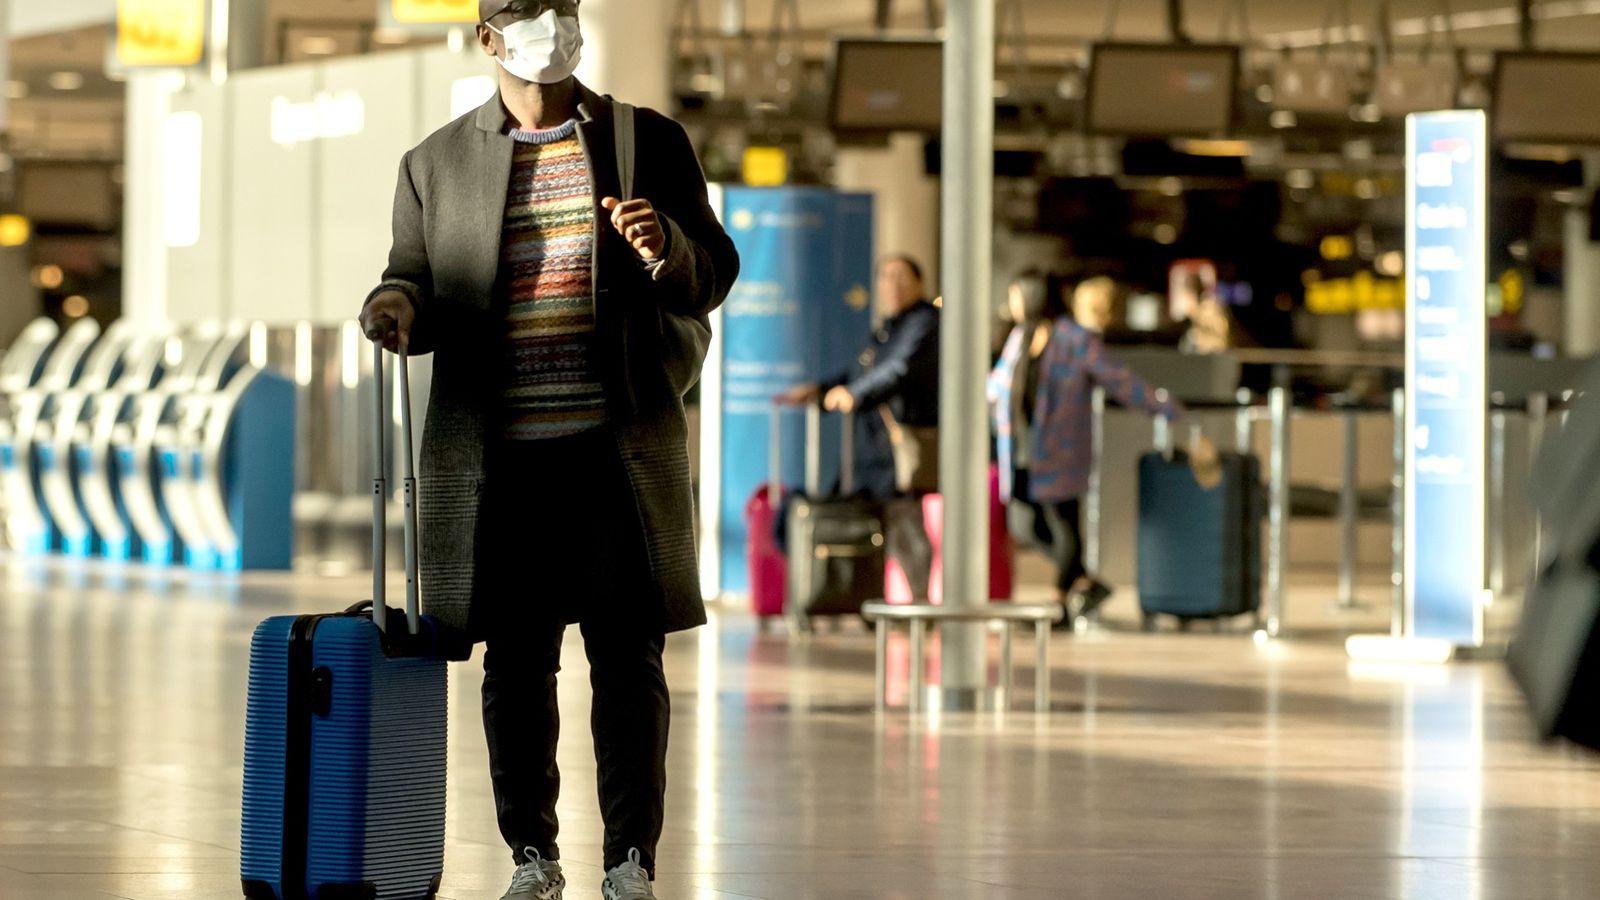 No aeroporto de Bruxelas, um homem usa uma máscara de proteção devido ao surto de coronavírus.